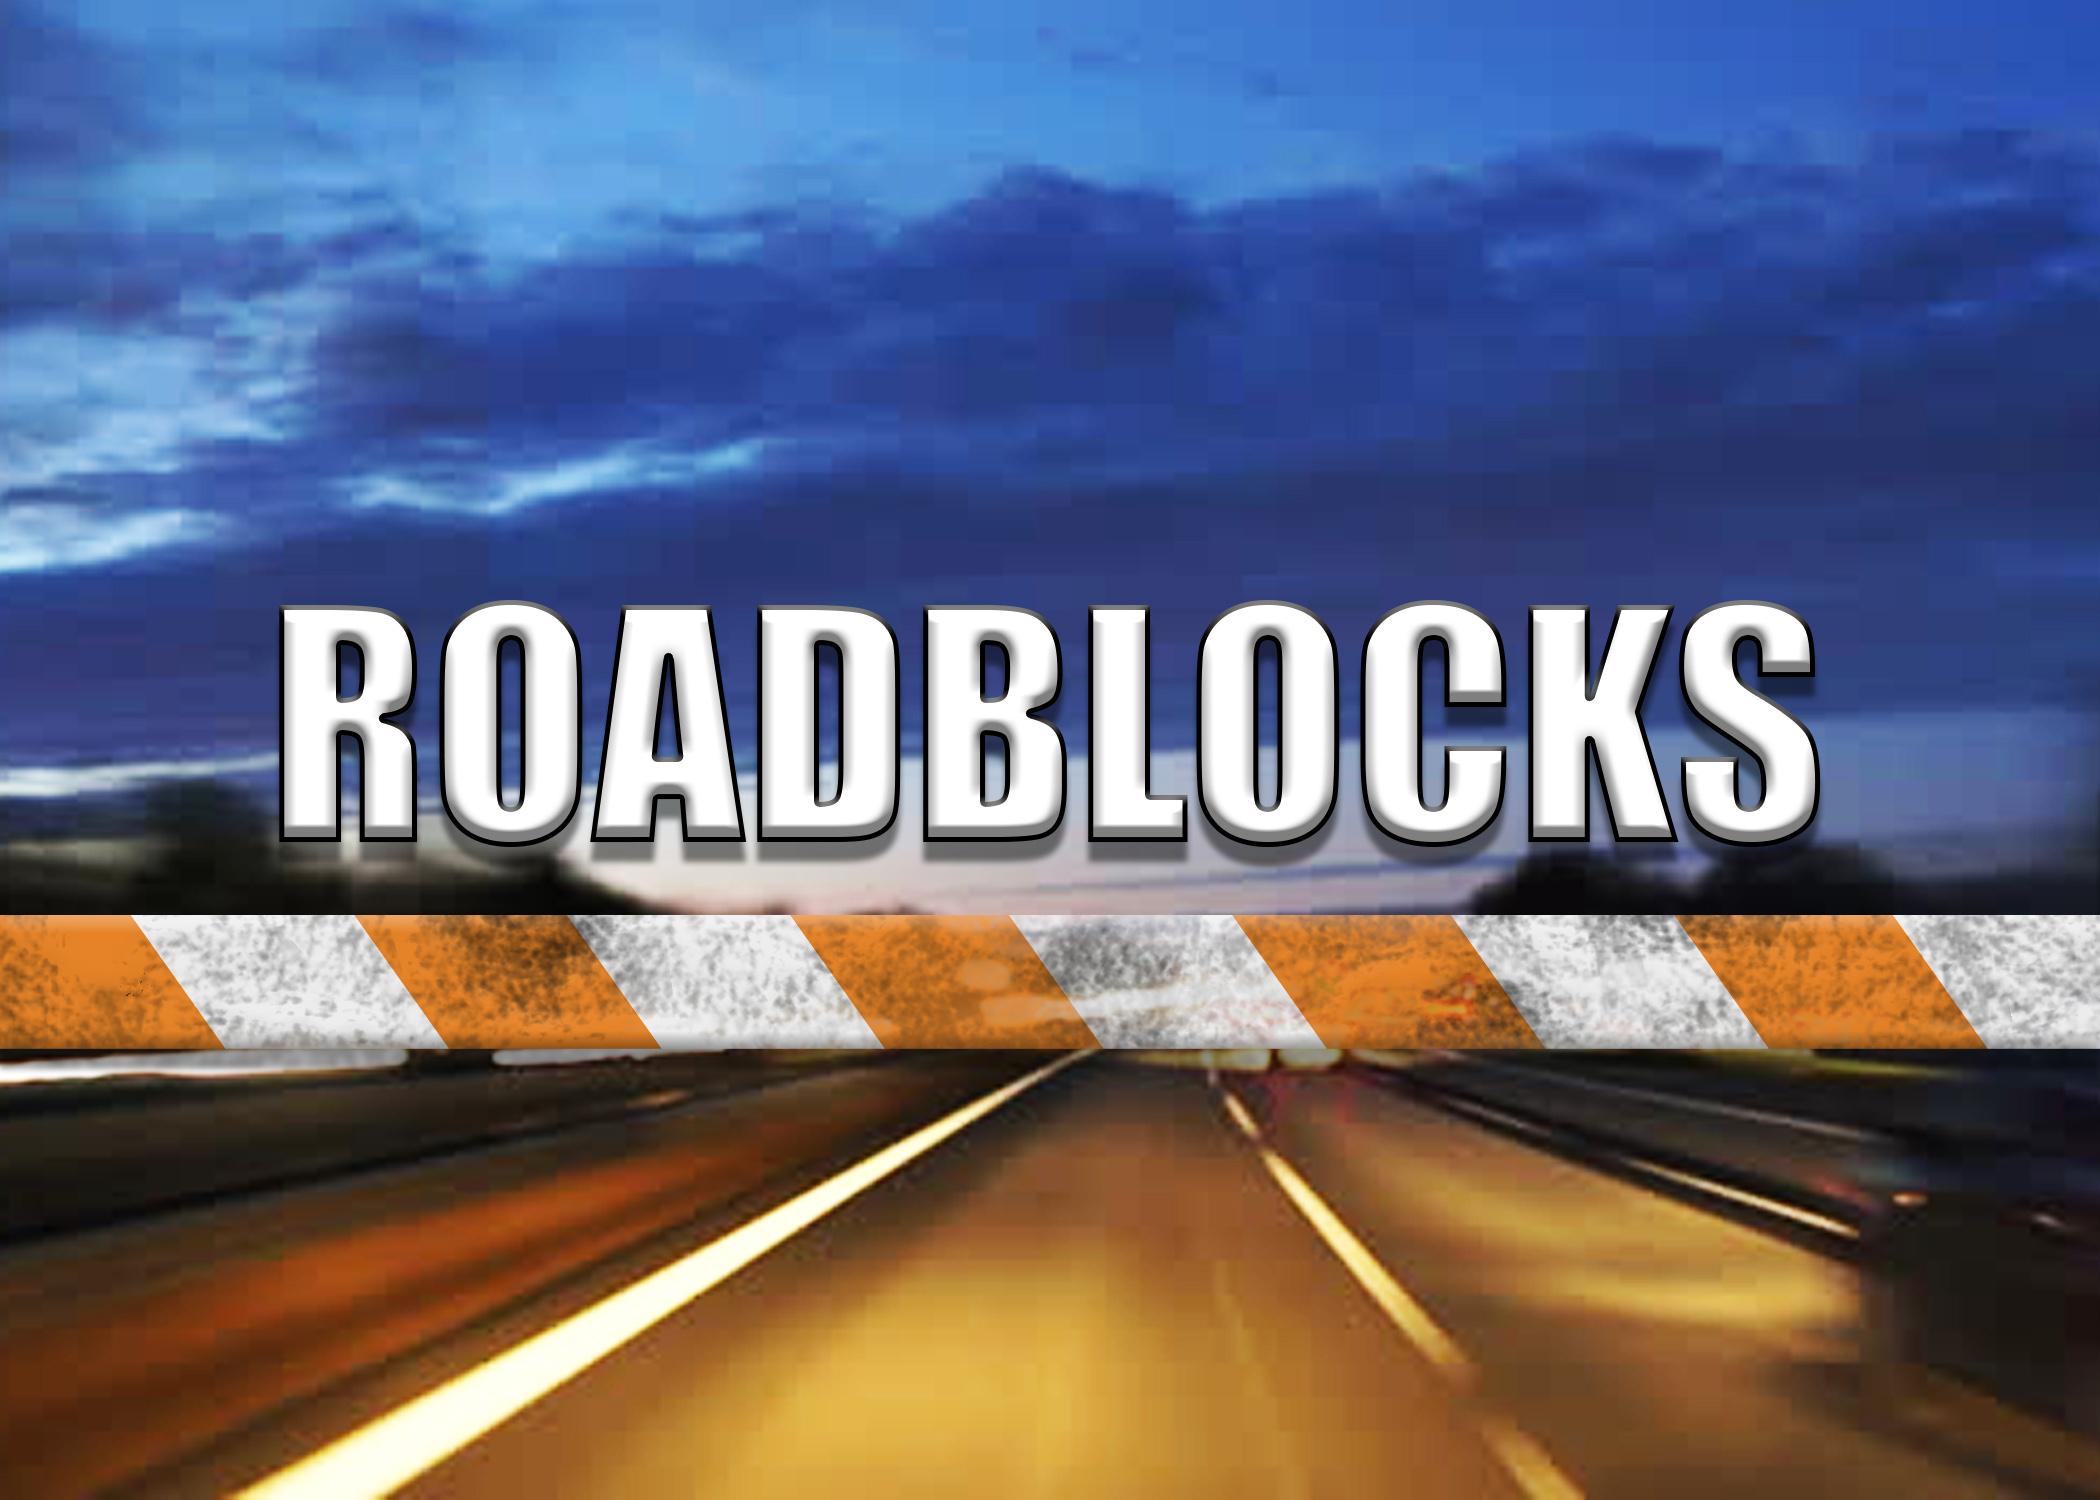 roadblocks v2b.jpg